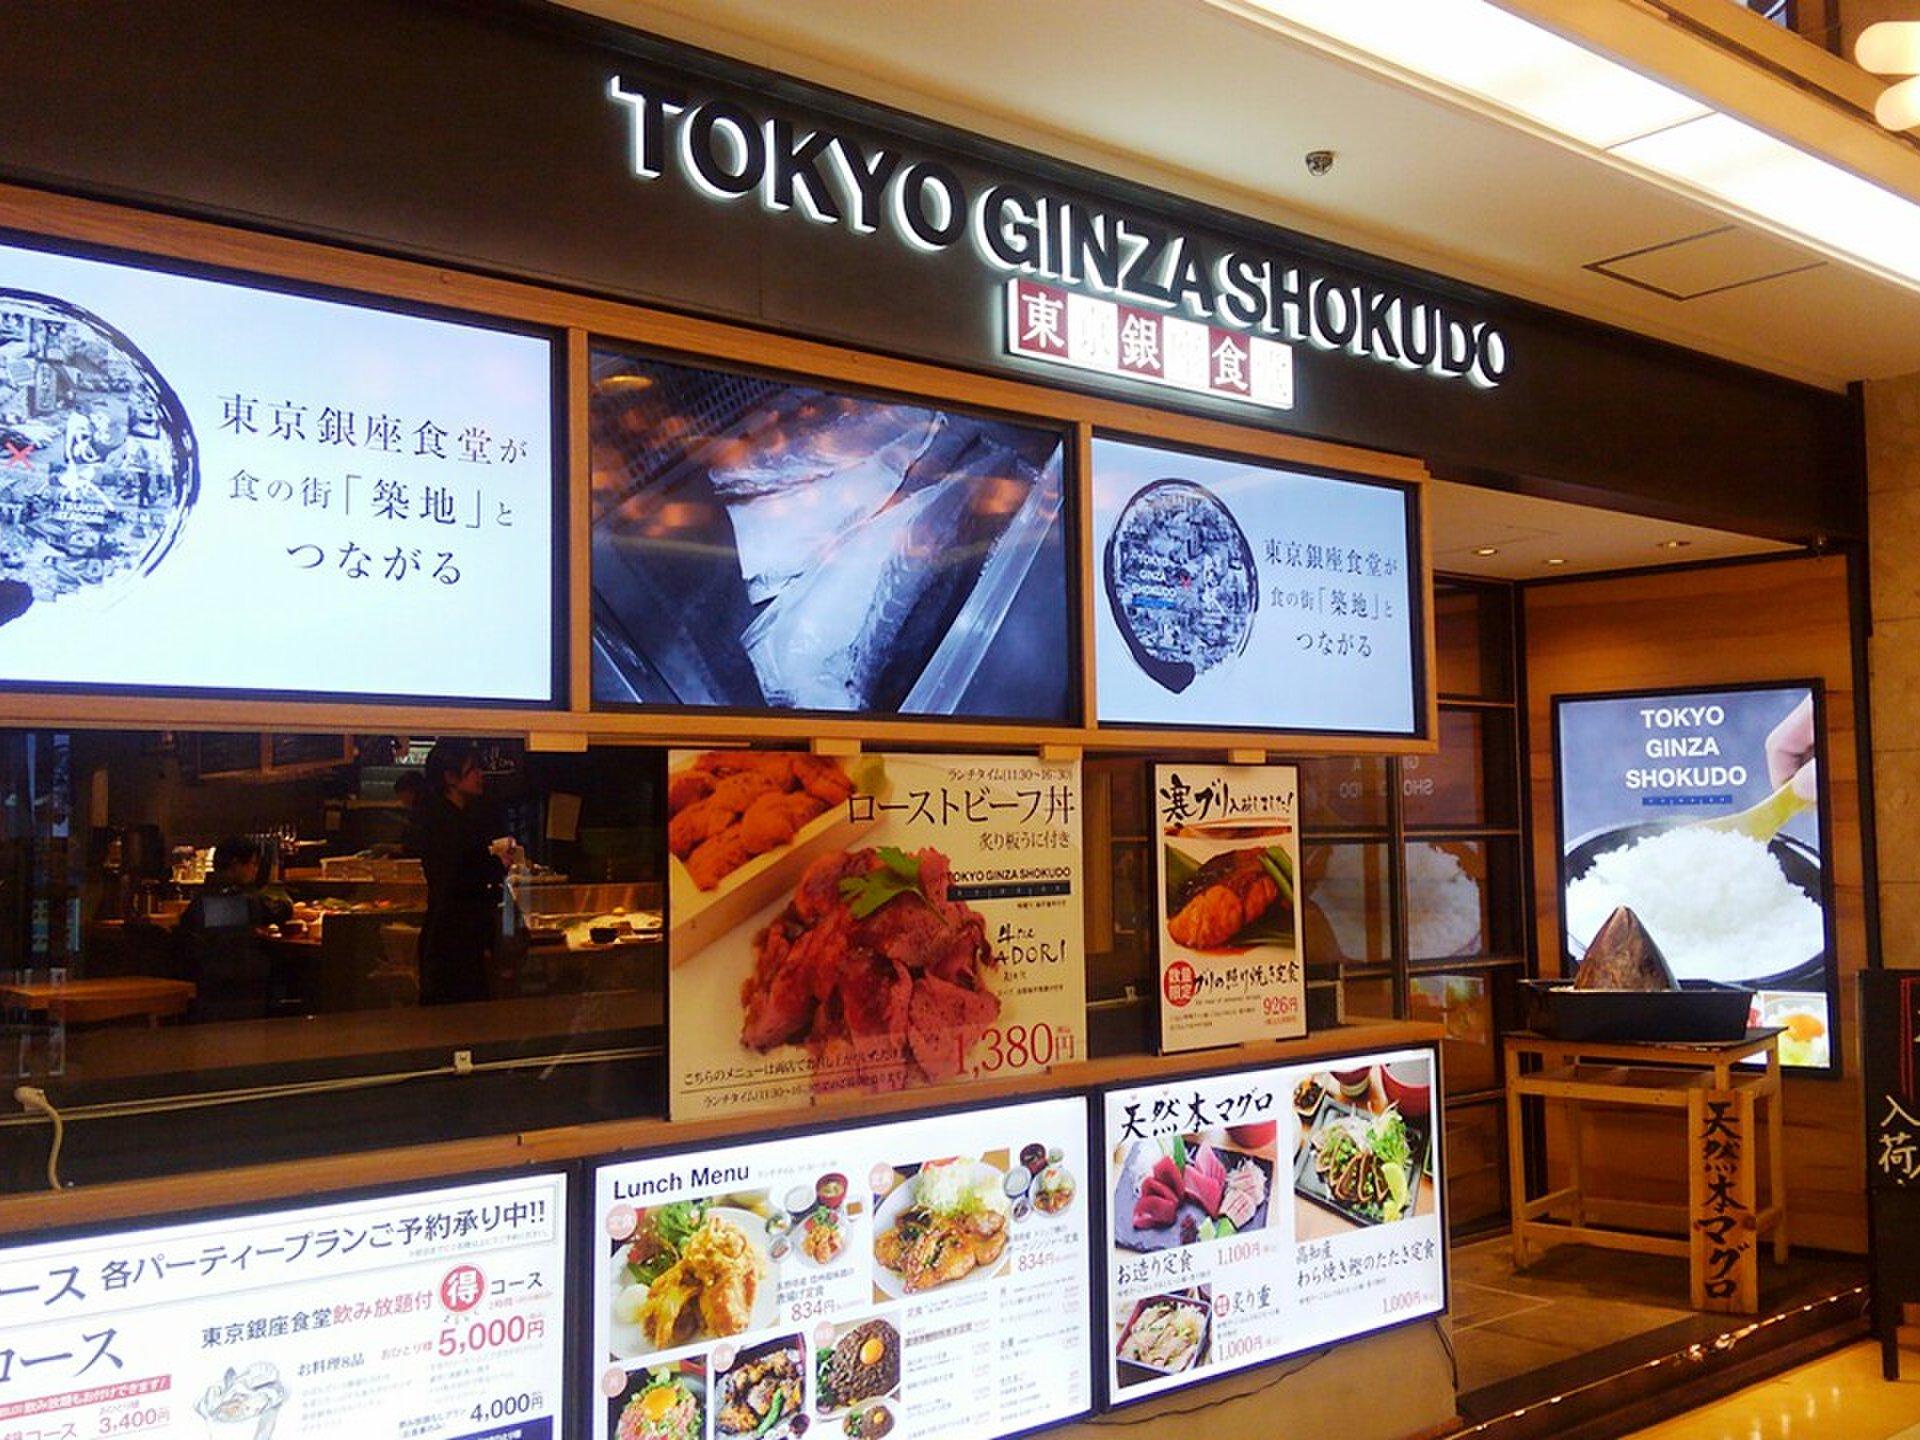 【お手頃!銀座でランチなら東京銀座食堂】メニューが豊富で大満足♪